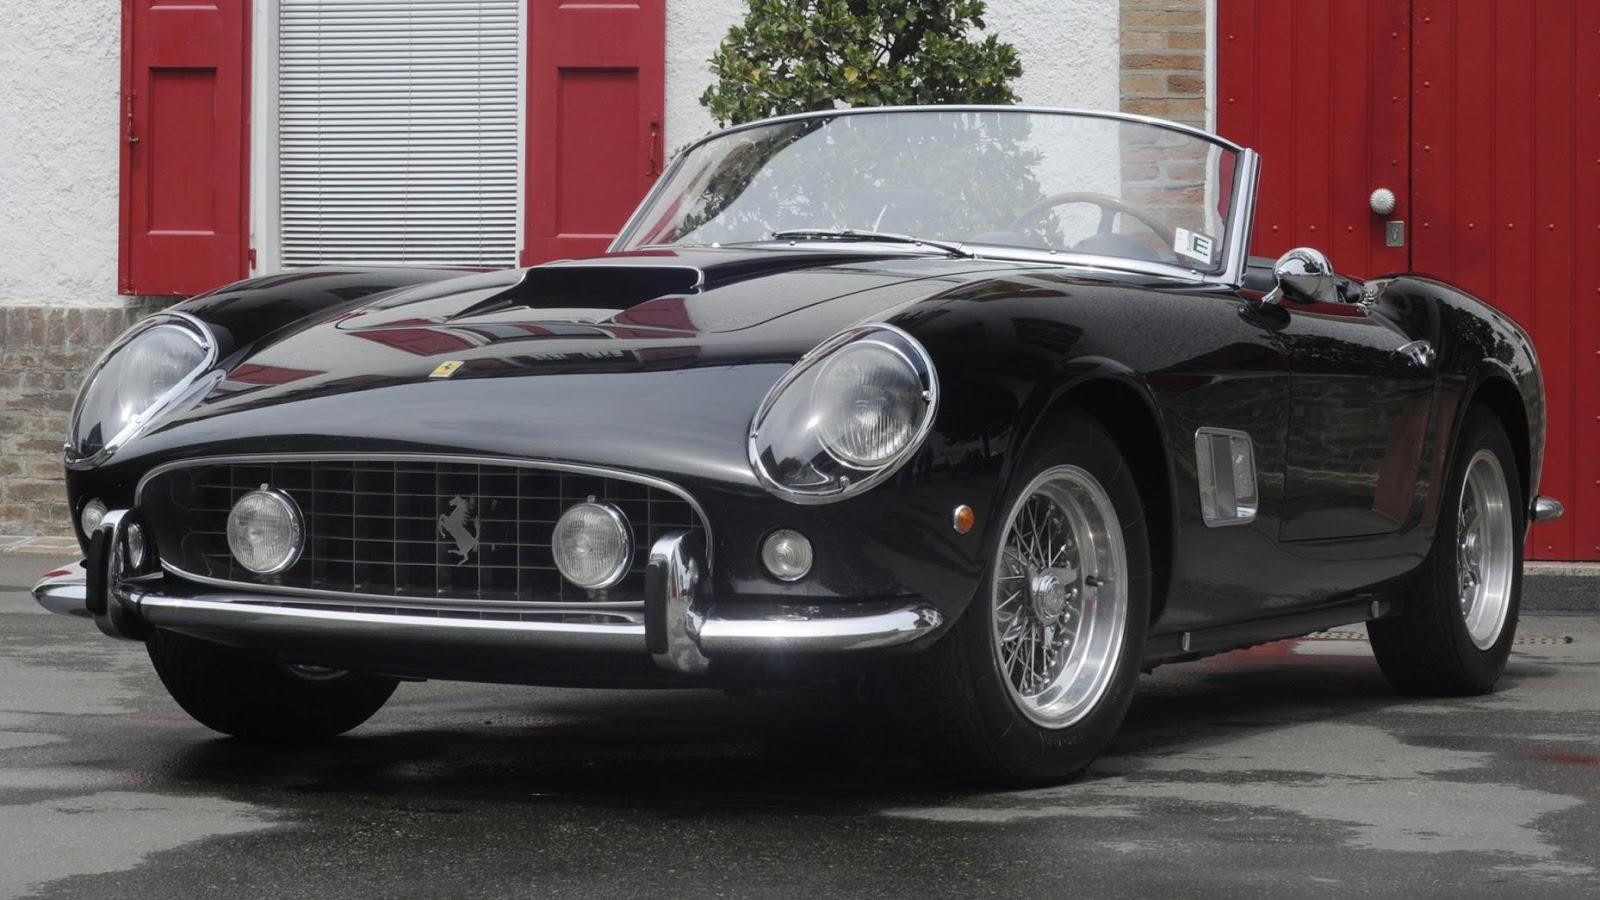 $18,500,000 – 1961 Ferrari 250 GT SWB California Spider